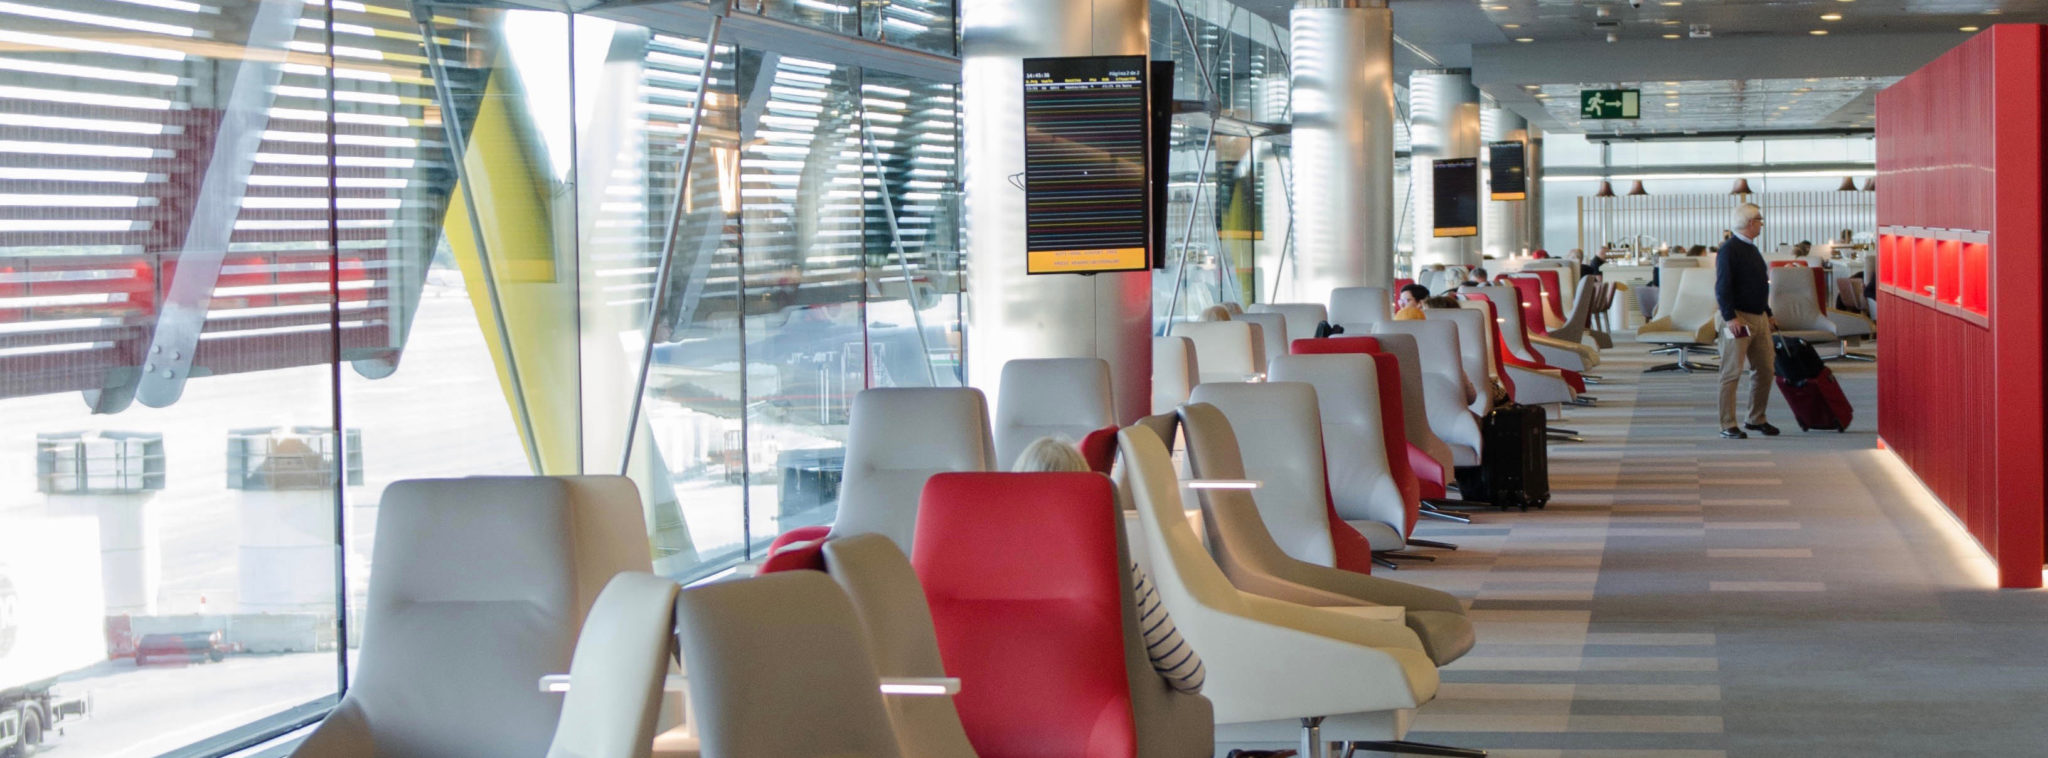 Iberia Business Class Langstrecke A330